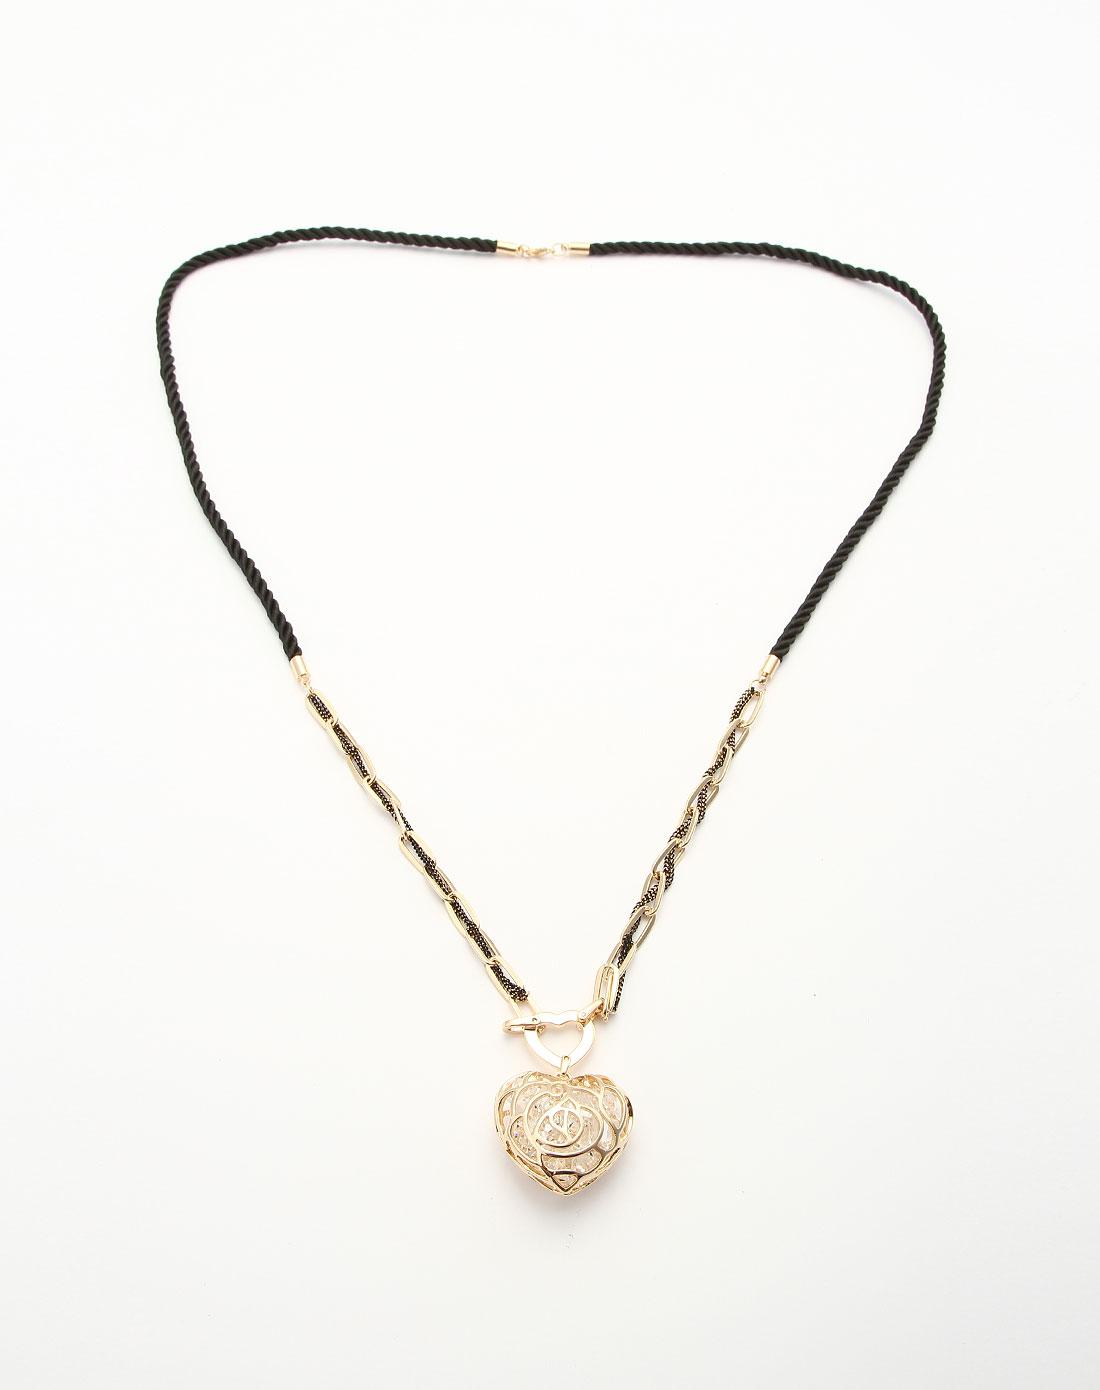 > 金色镂空心形时尚项链